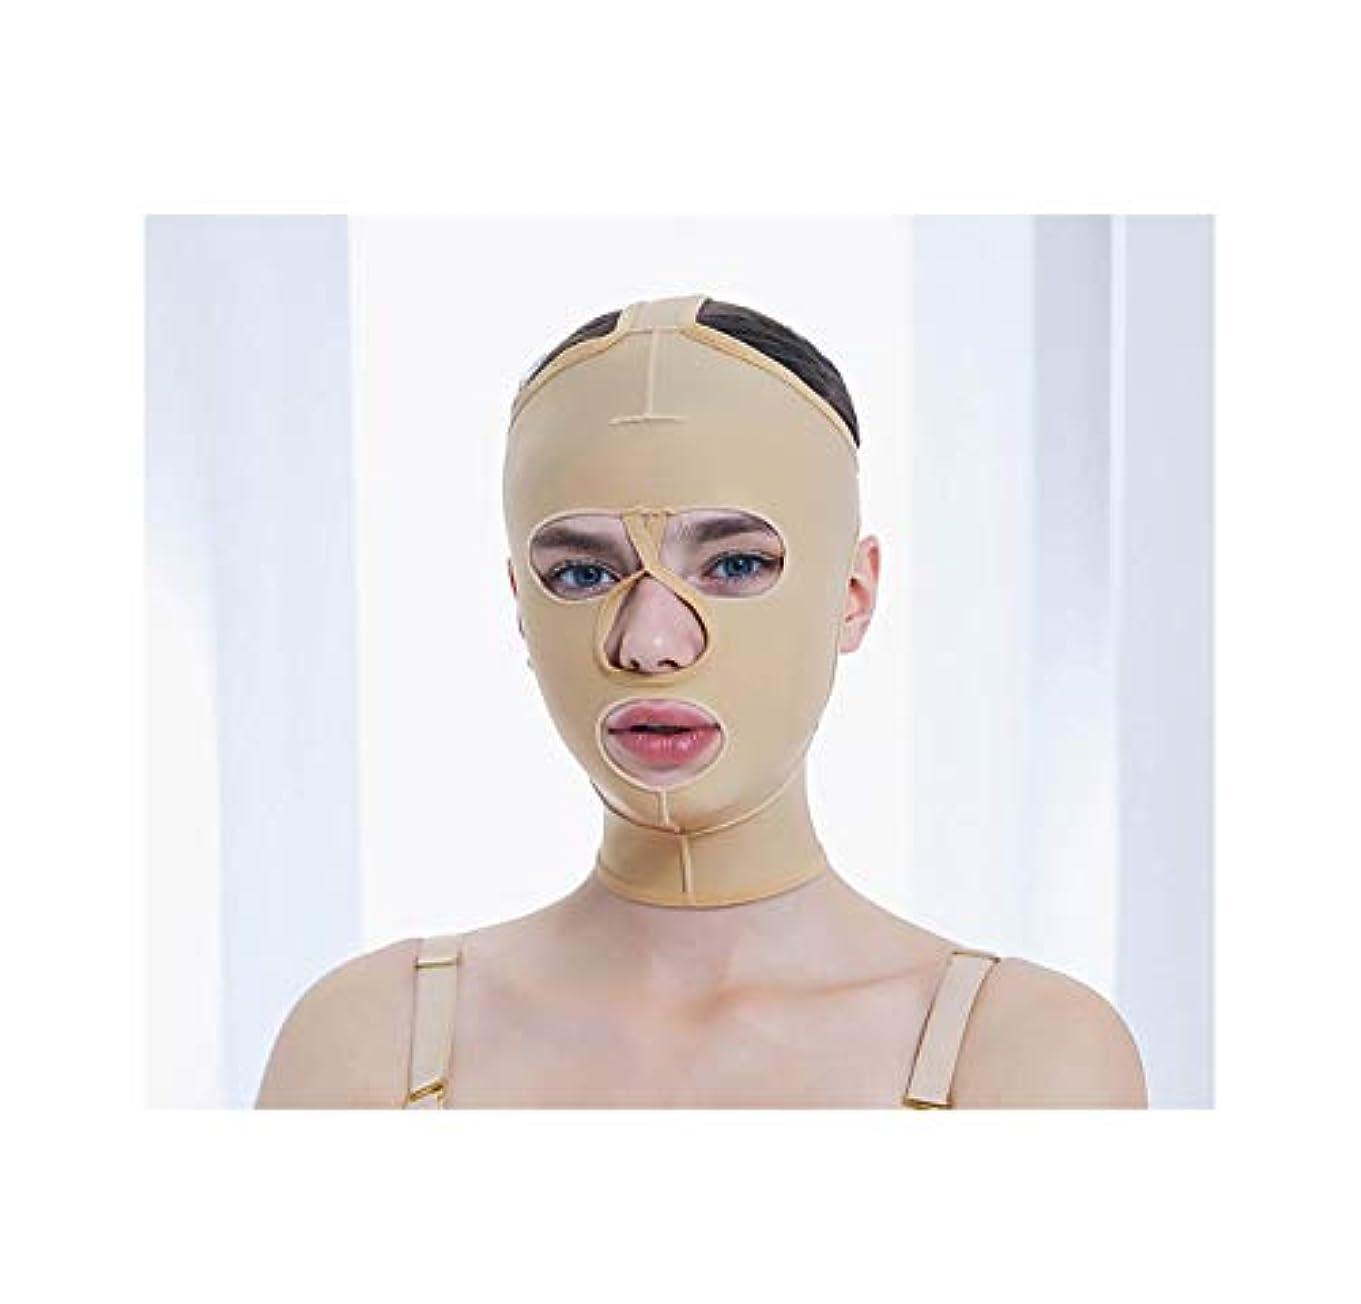 コマース幻想定数GLJJQMY 顔と首のリフト痩身マスク脂肪吸引術脂肪吸引整形マスクフードフェイシャルリフティングアーティファクトVフェイスビーム弾性スリーブ 顔用整形マスク (Size : XXL)